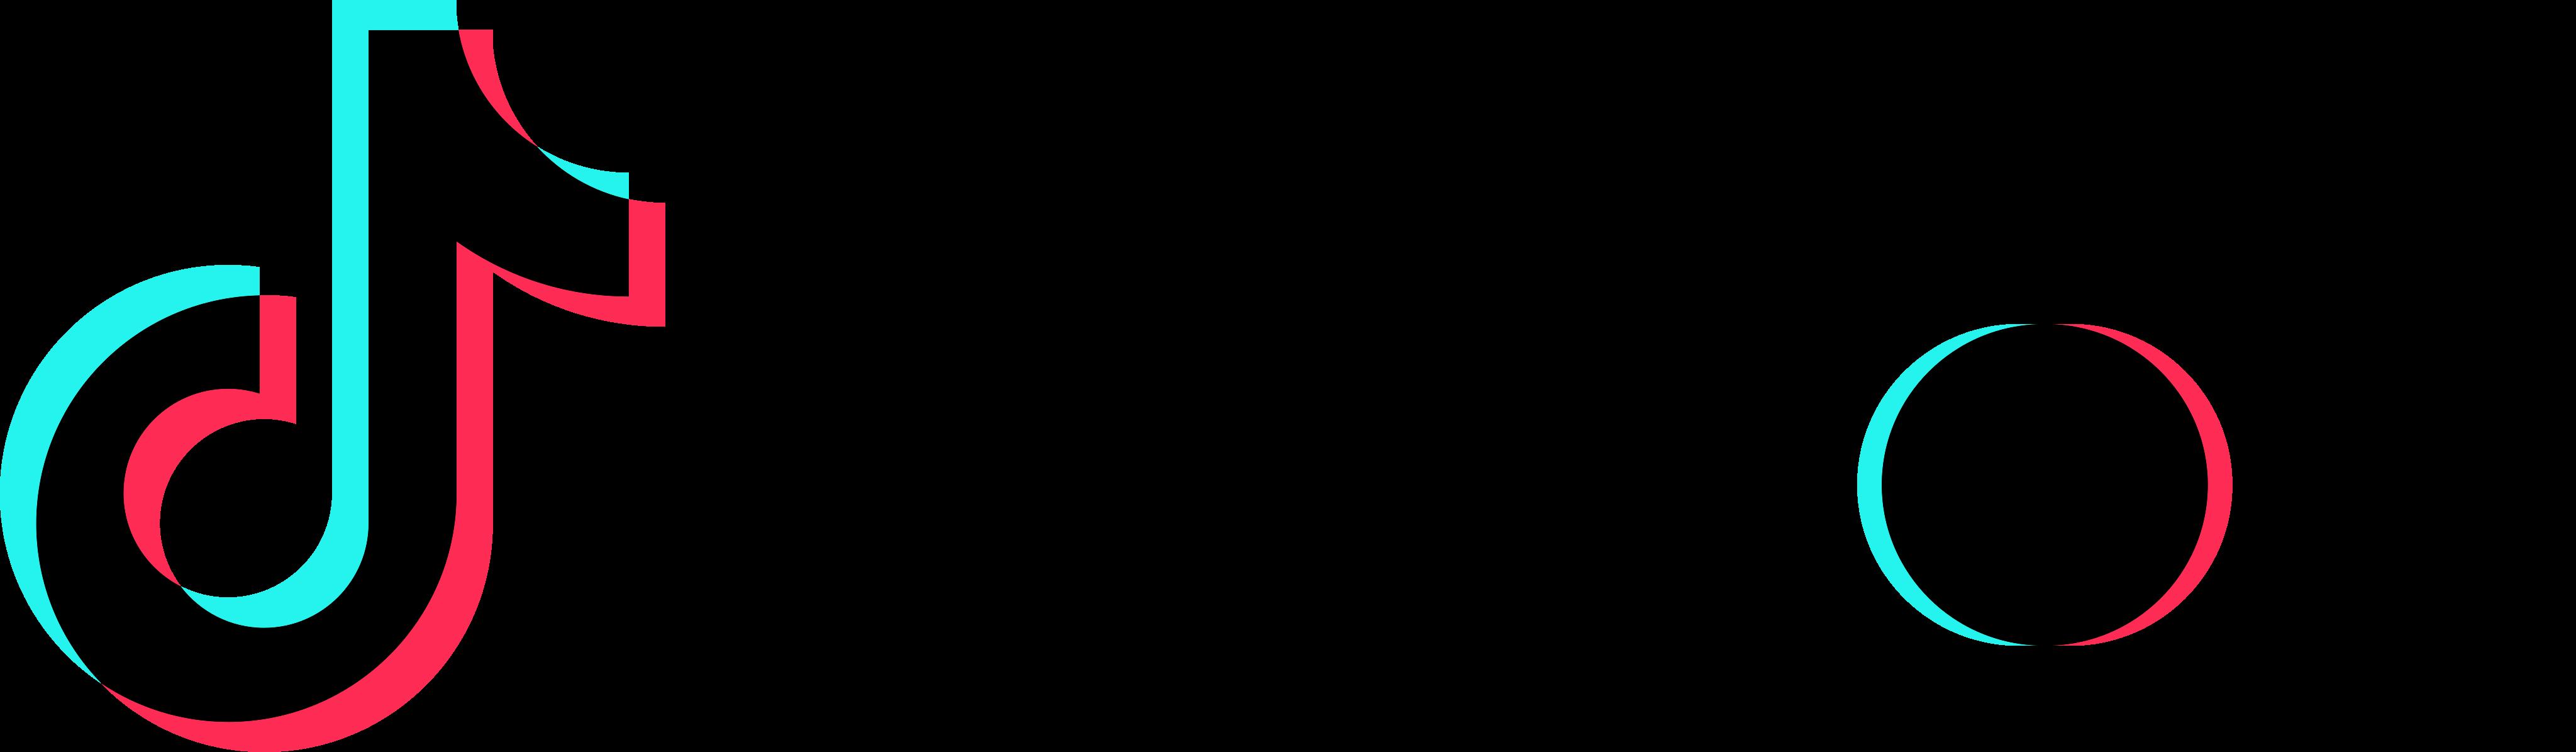 tiktok logo 9 - TikTok Logo